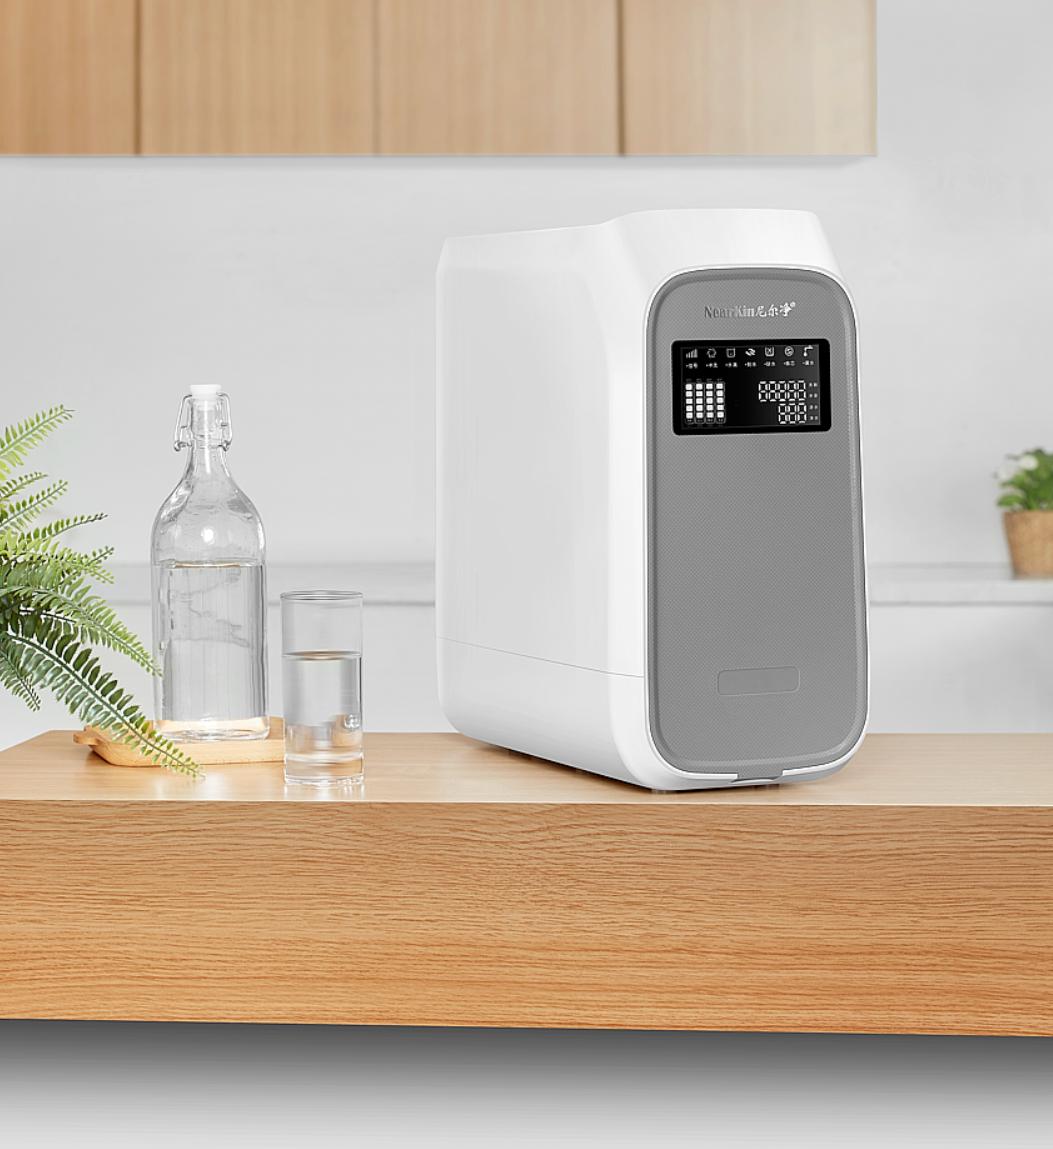 净水器品牌营销,如何给消费者一个选择你的理由